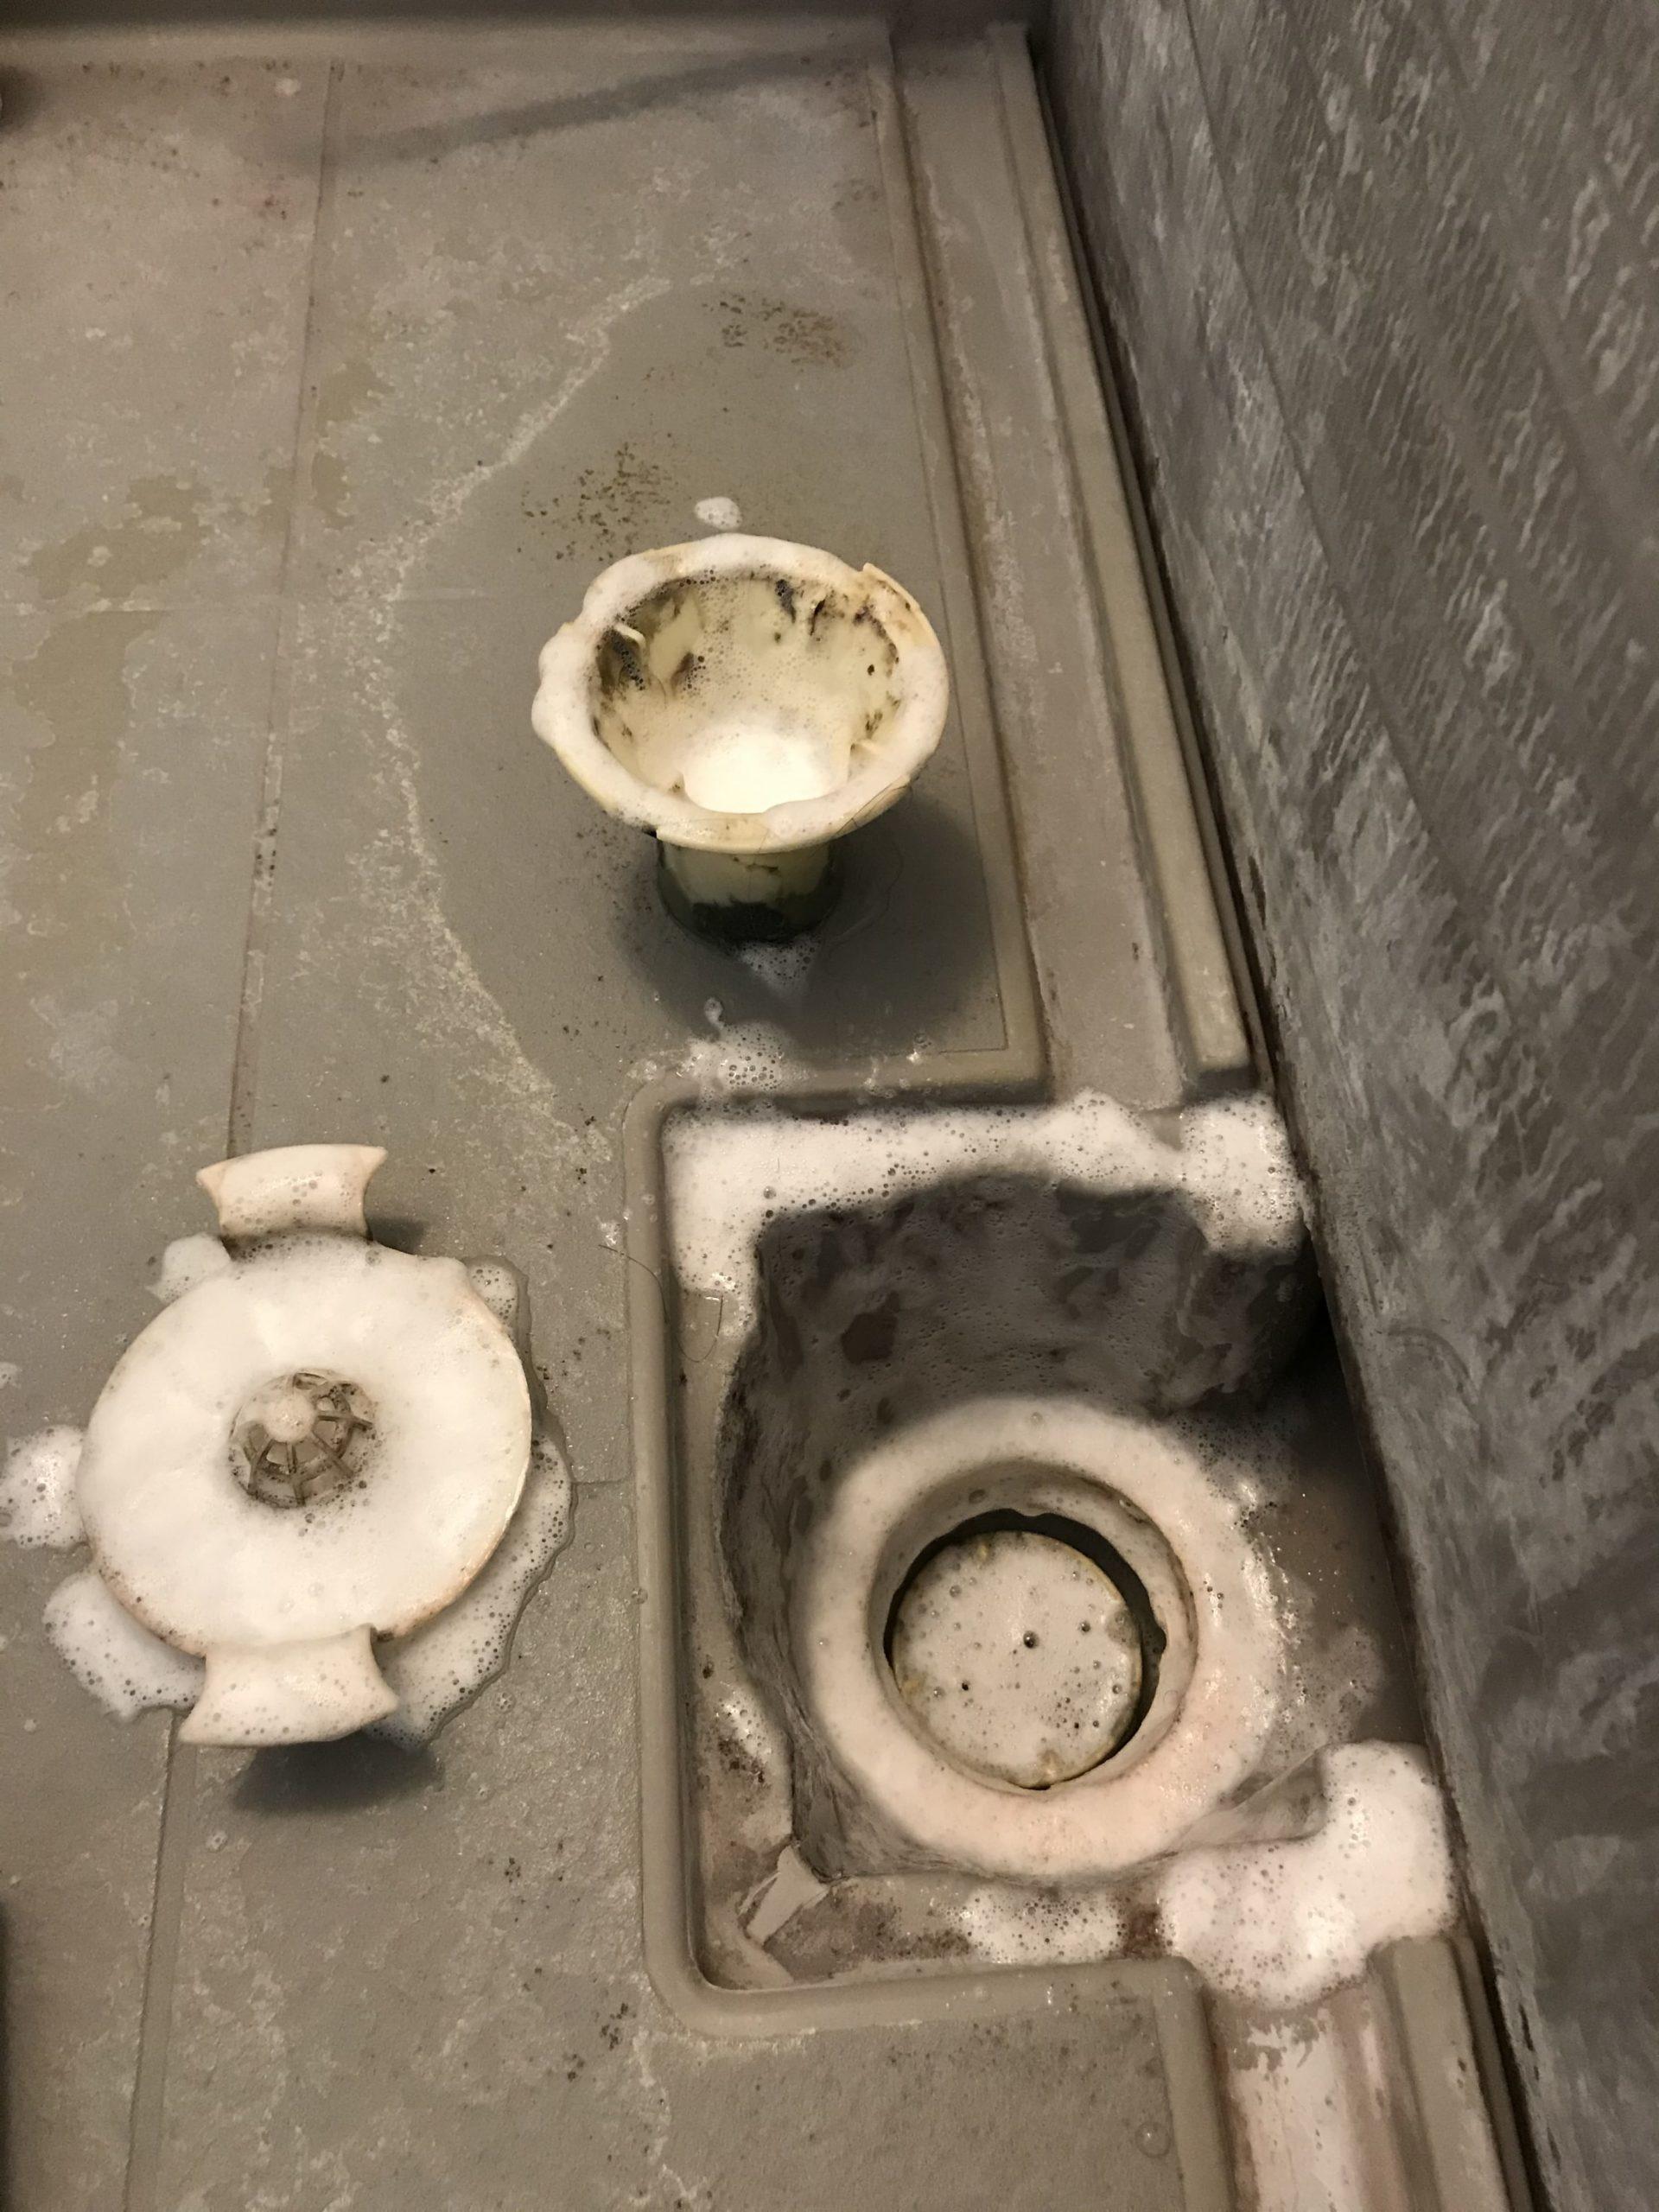 浴室の排水口の洗浄中